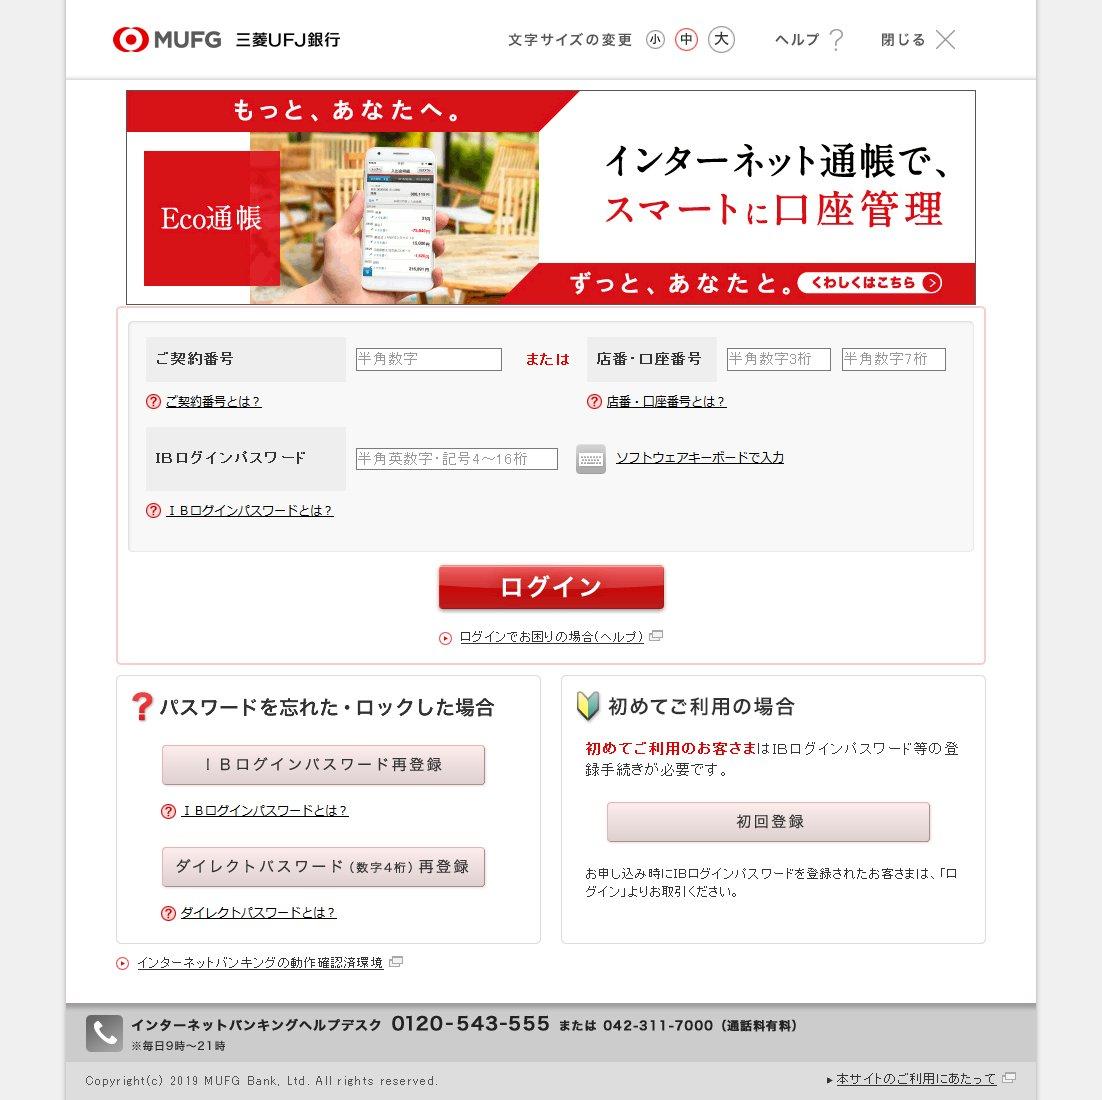 三菱 東京 ufj 銀行 ログイン